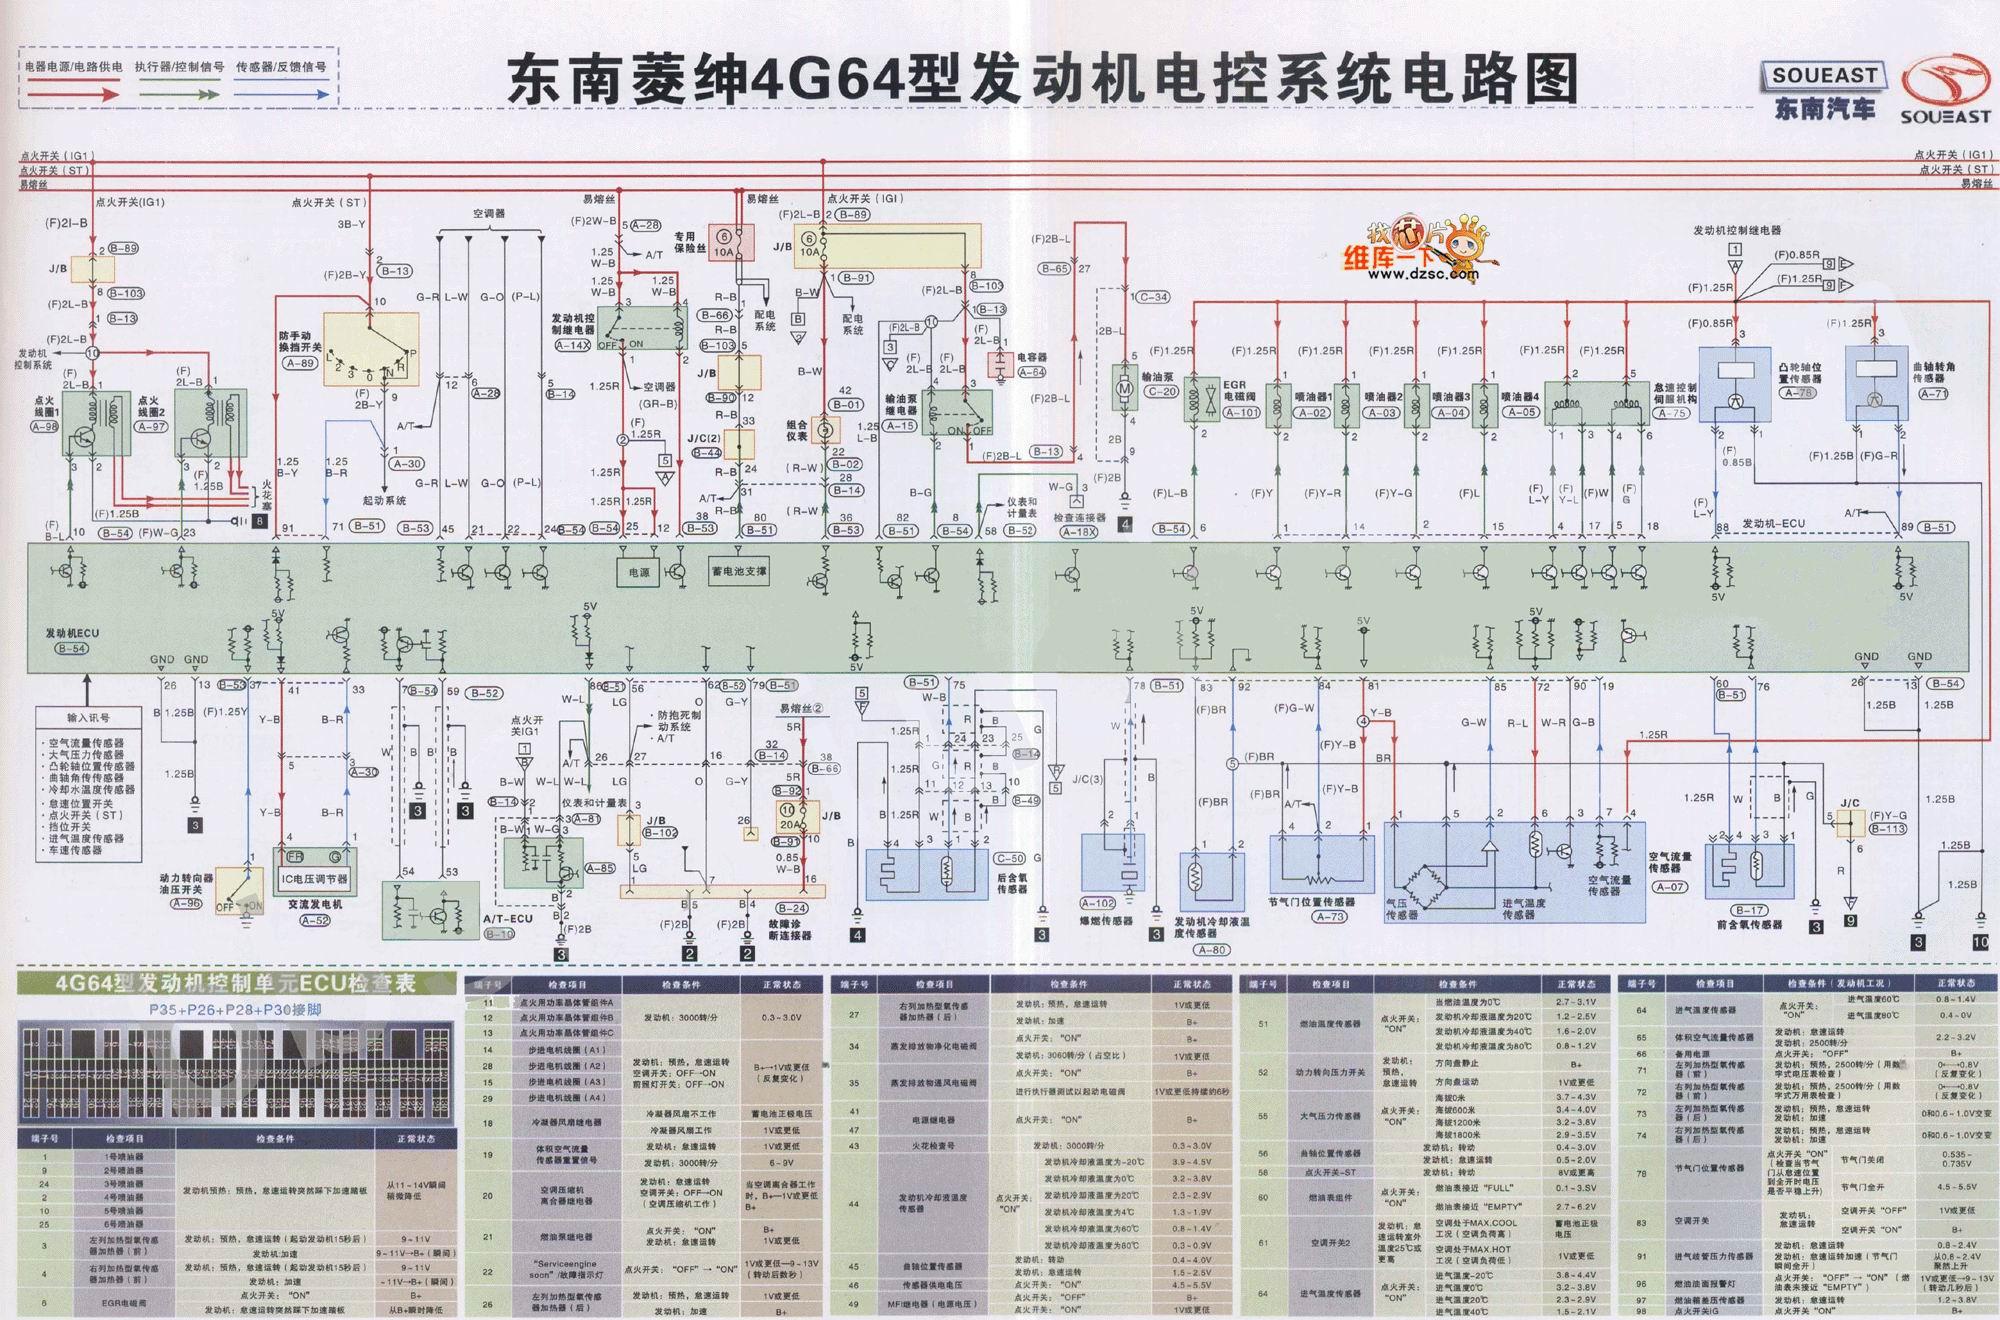 首页 电路图 汽车电路图 东南 >> 东南菱绅4g64型发动机电控系统电路